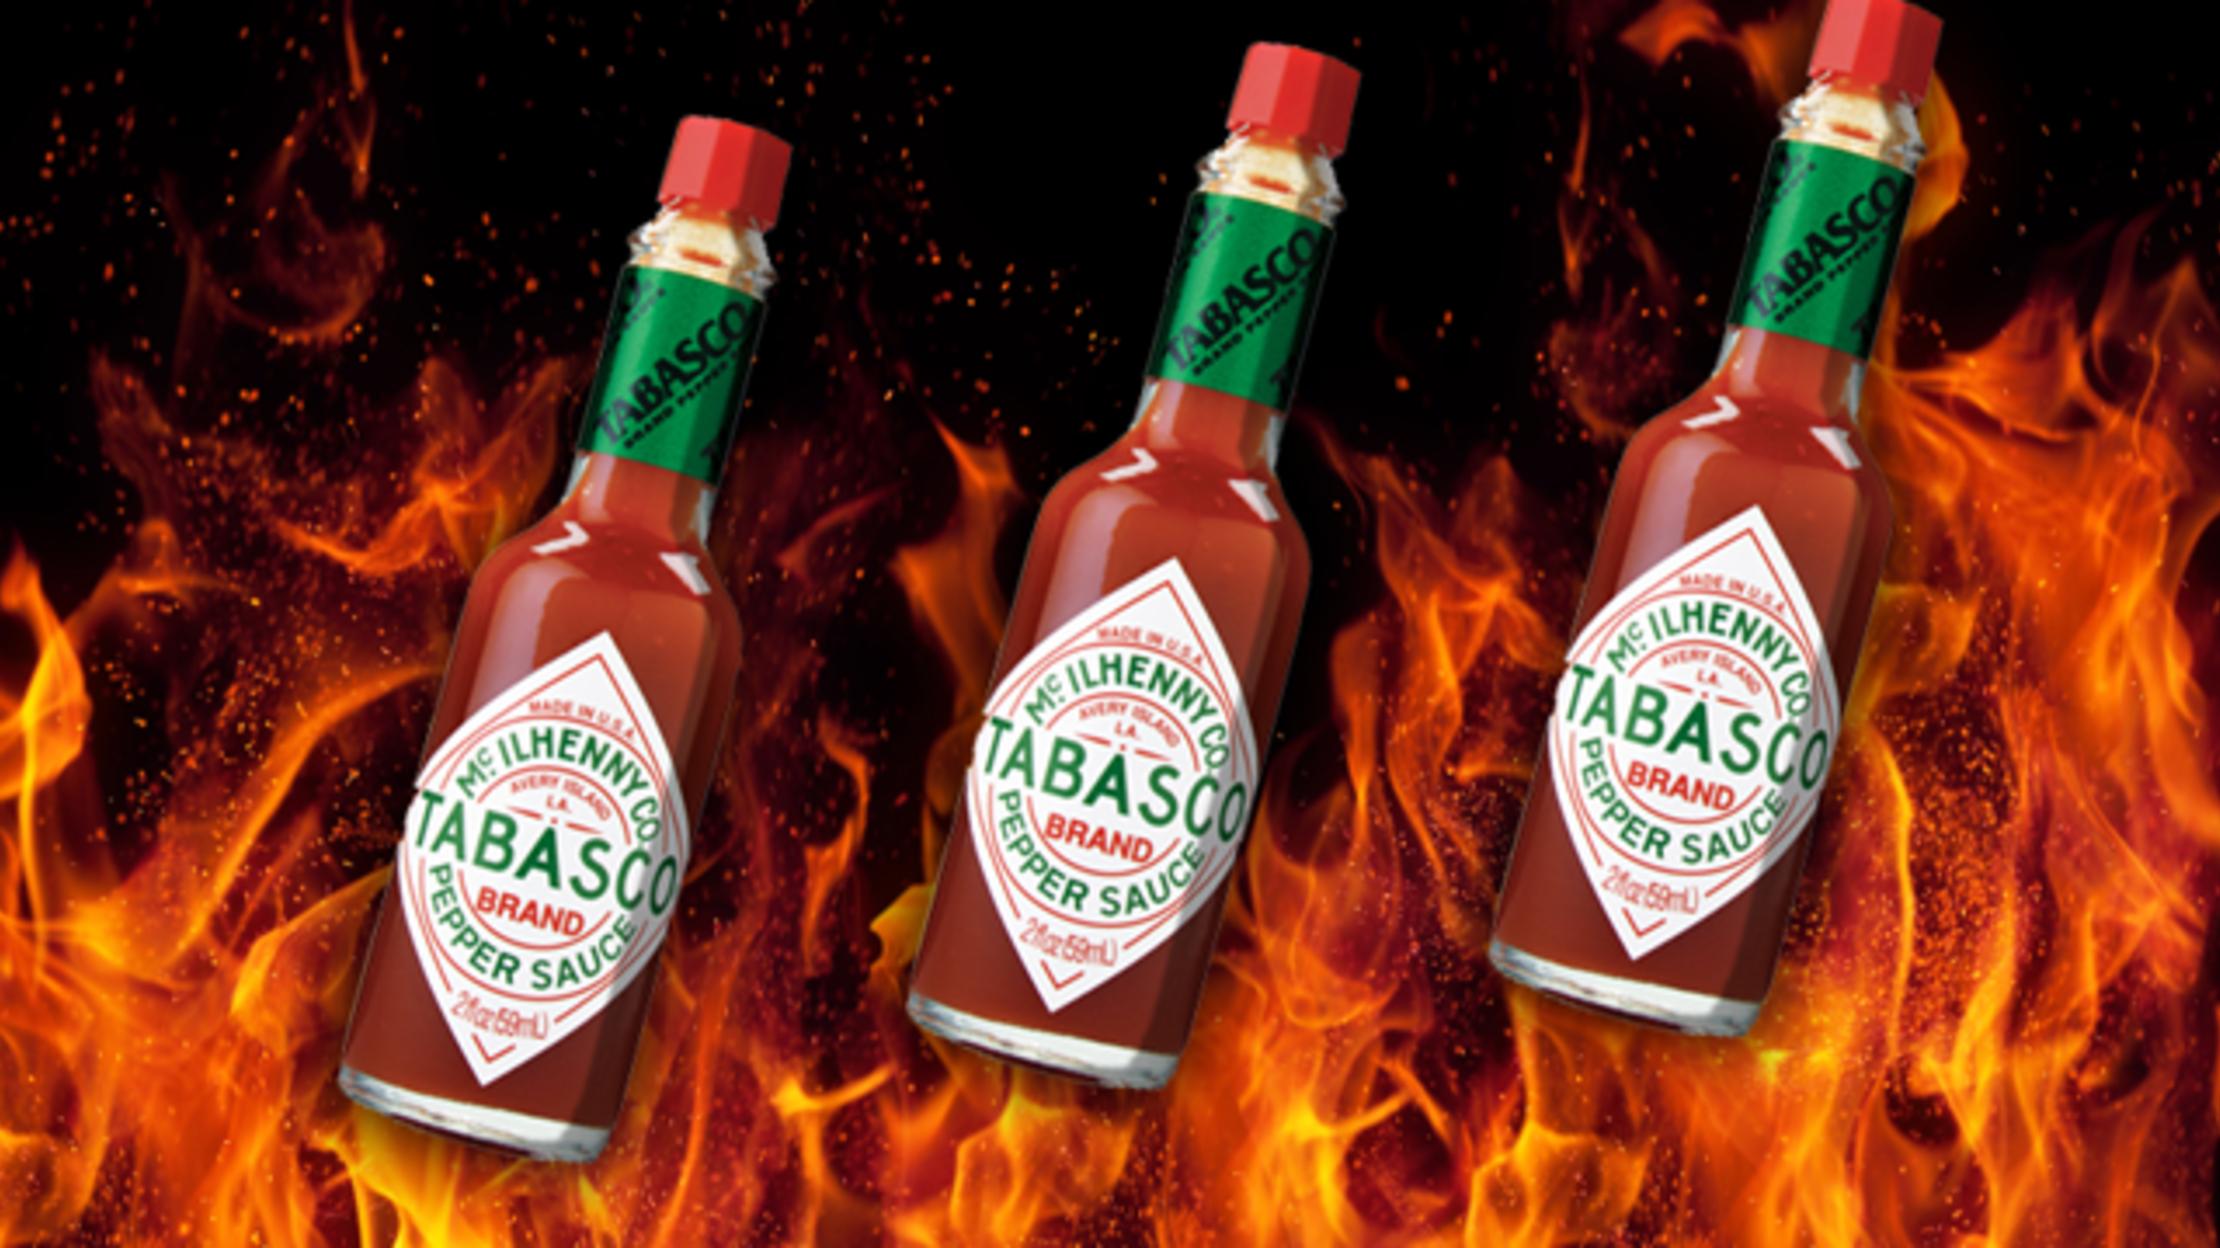 The Hot Sauce – Heatmaps